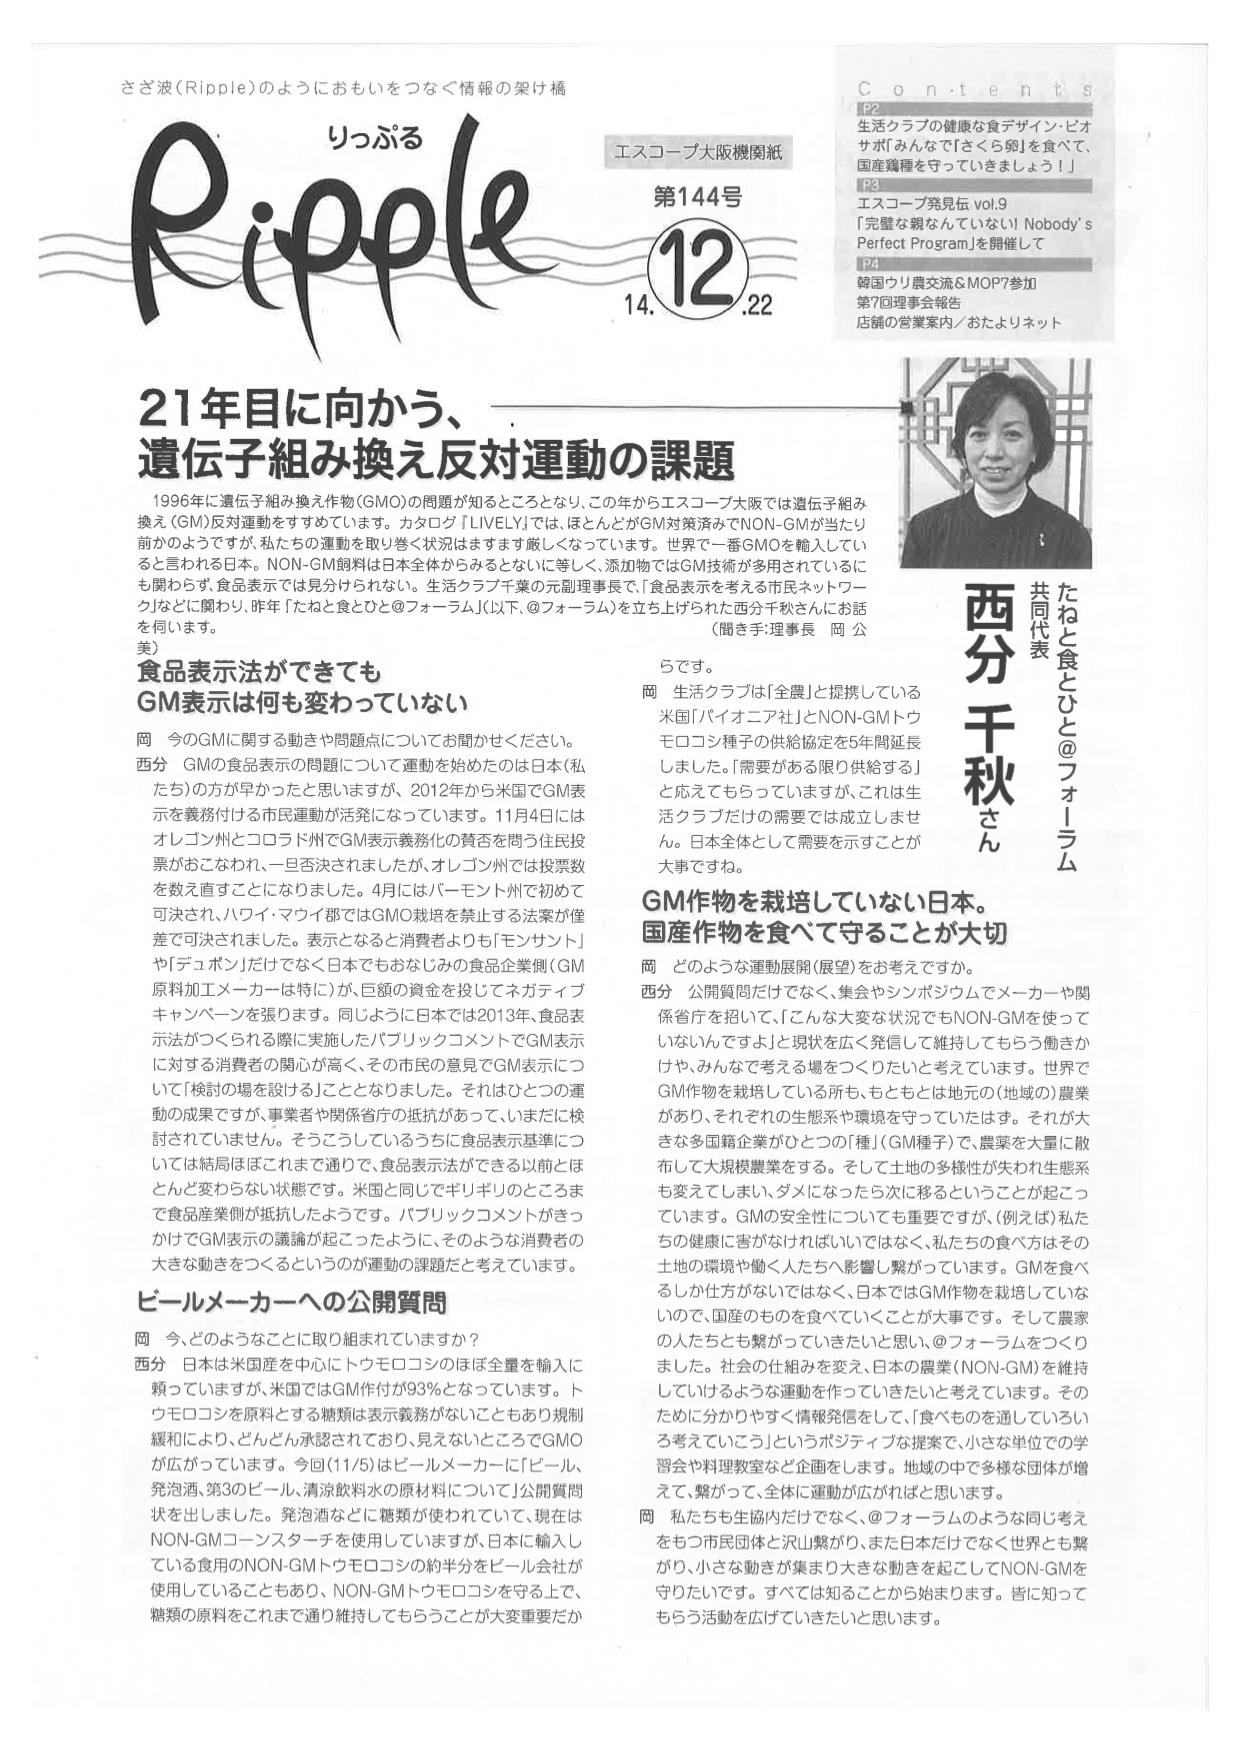 20141222 エスコープ大阪機関紙